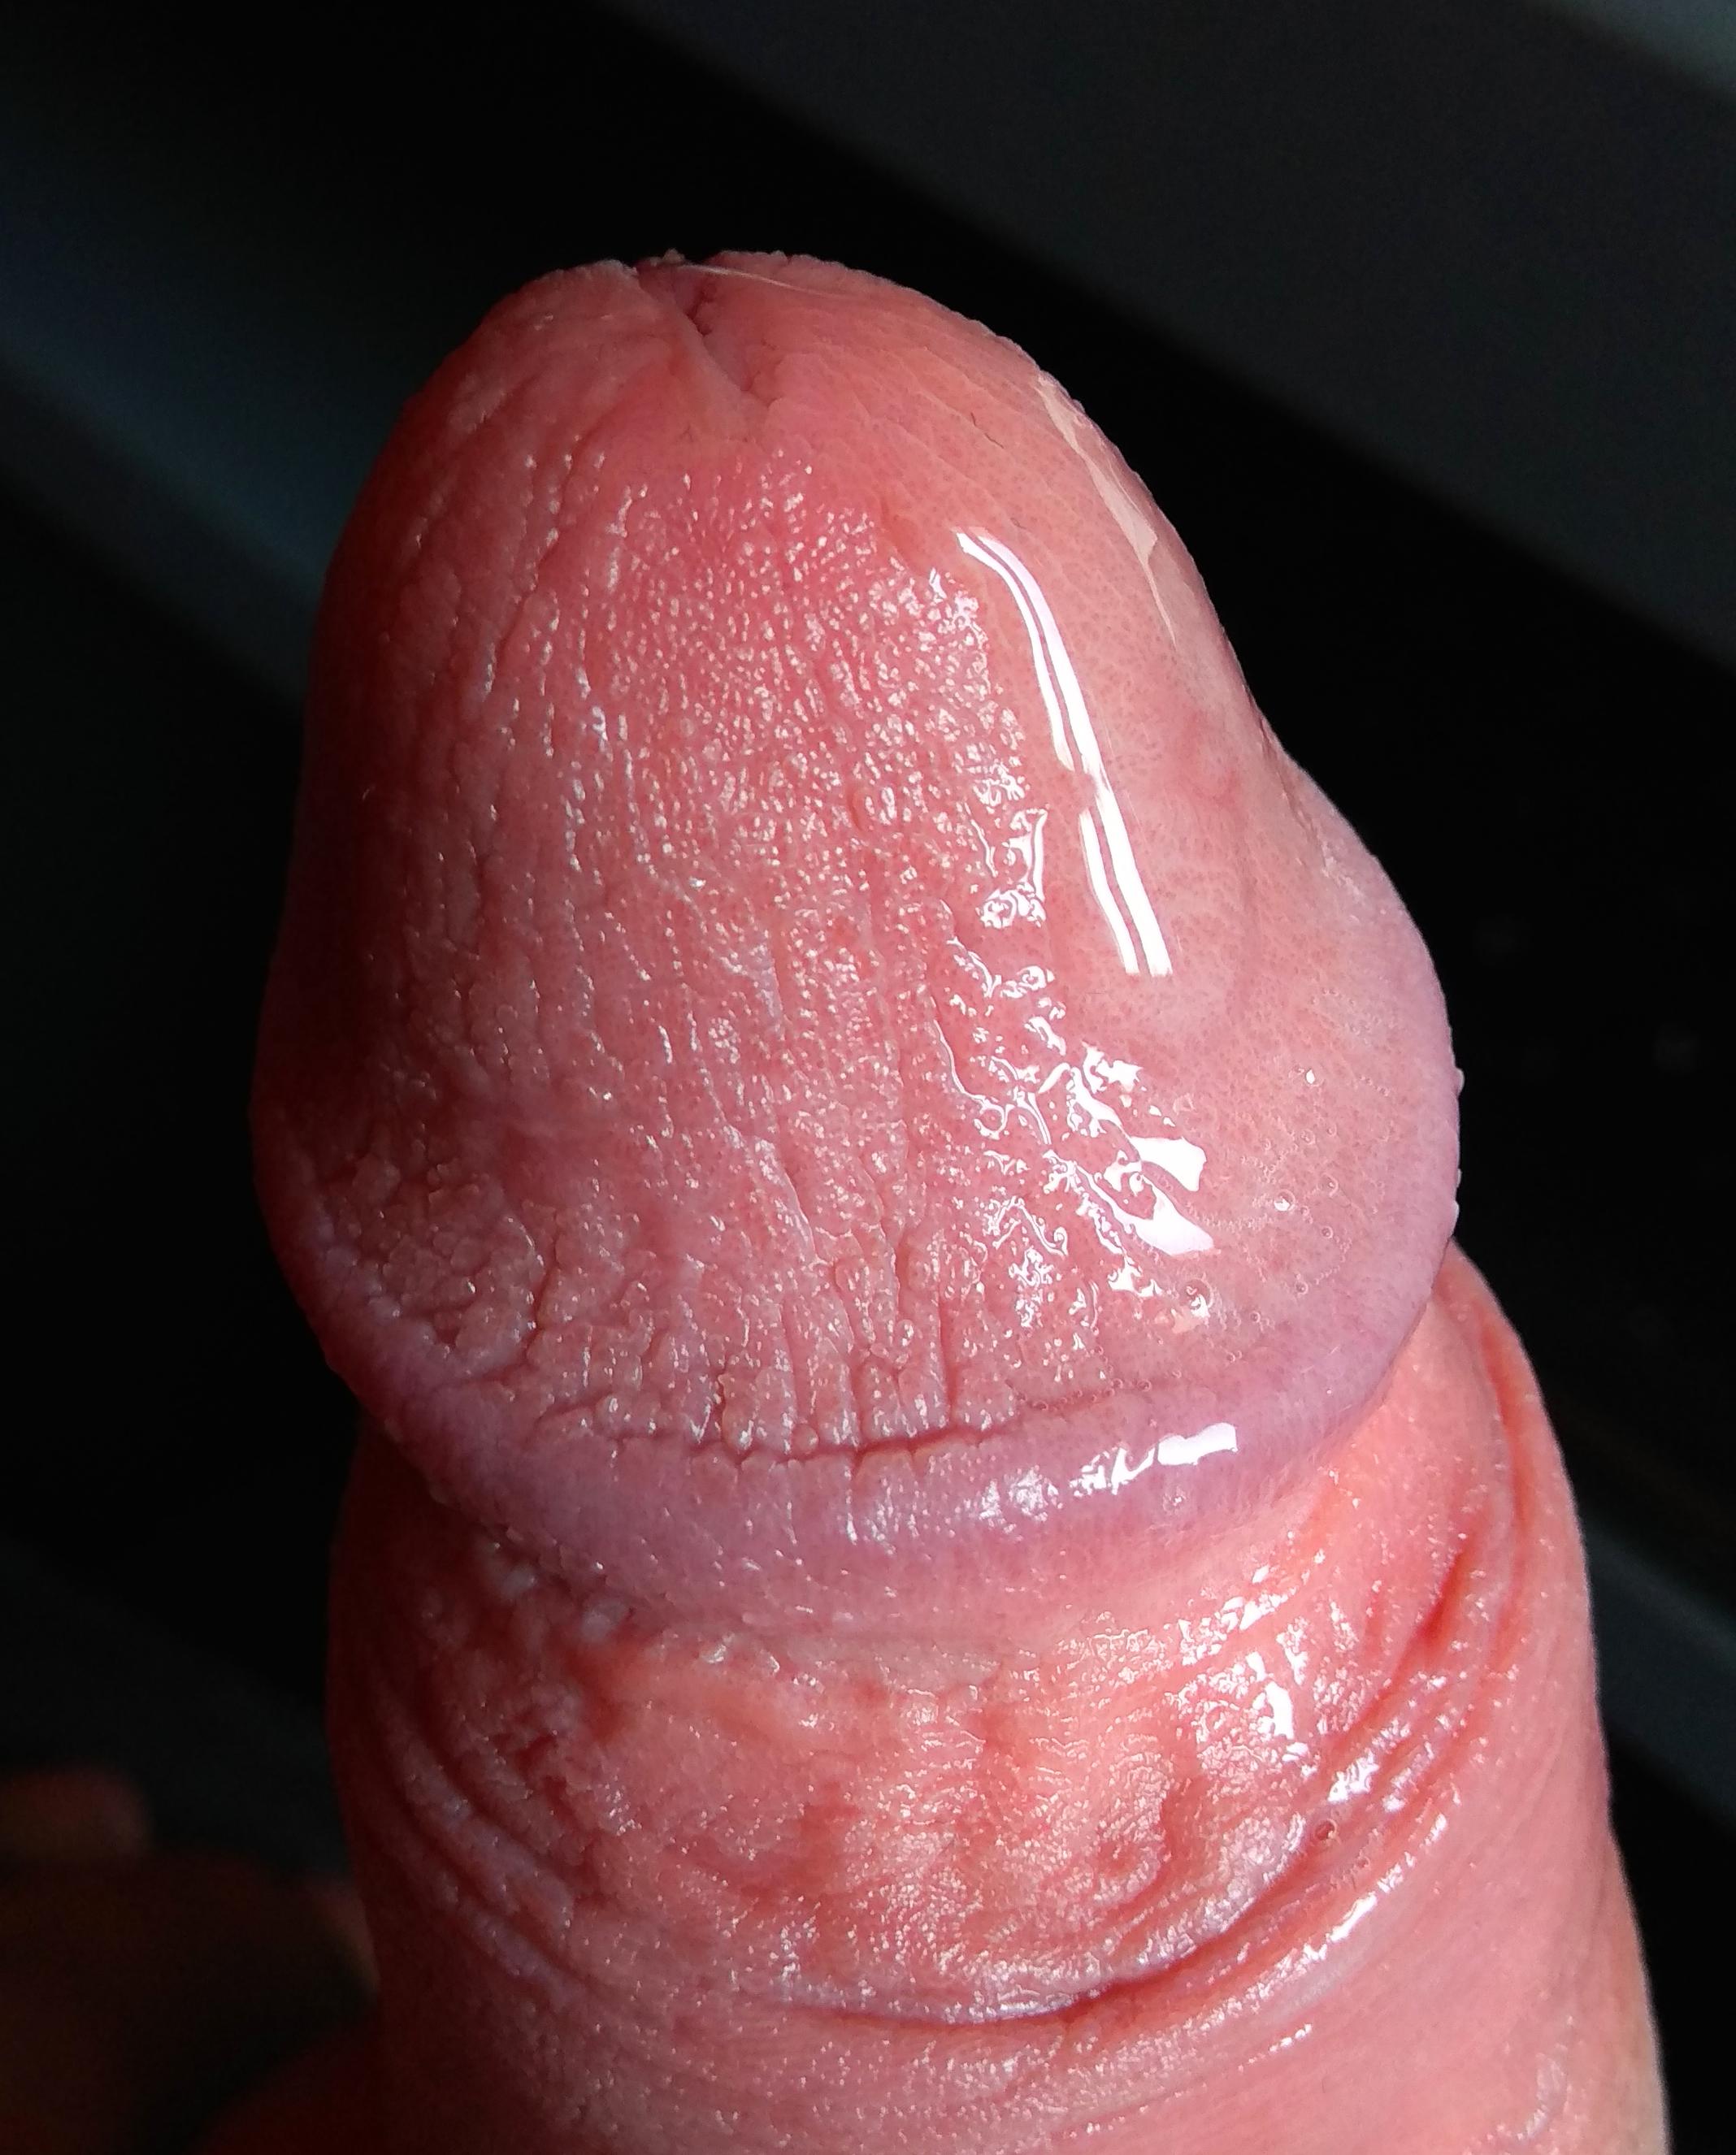 mi a jó pénisz